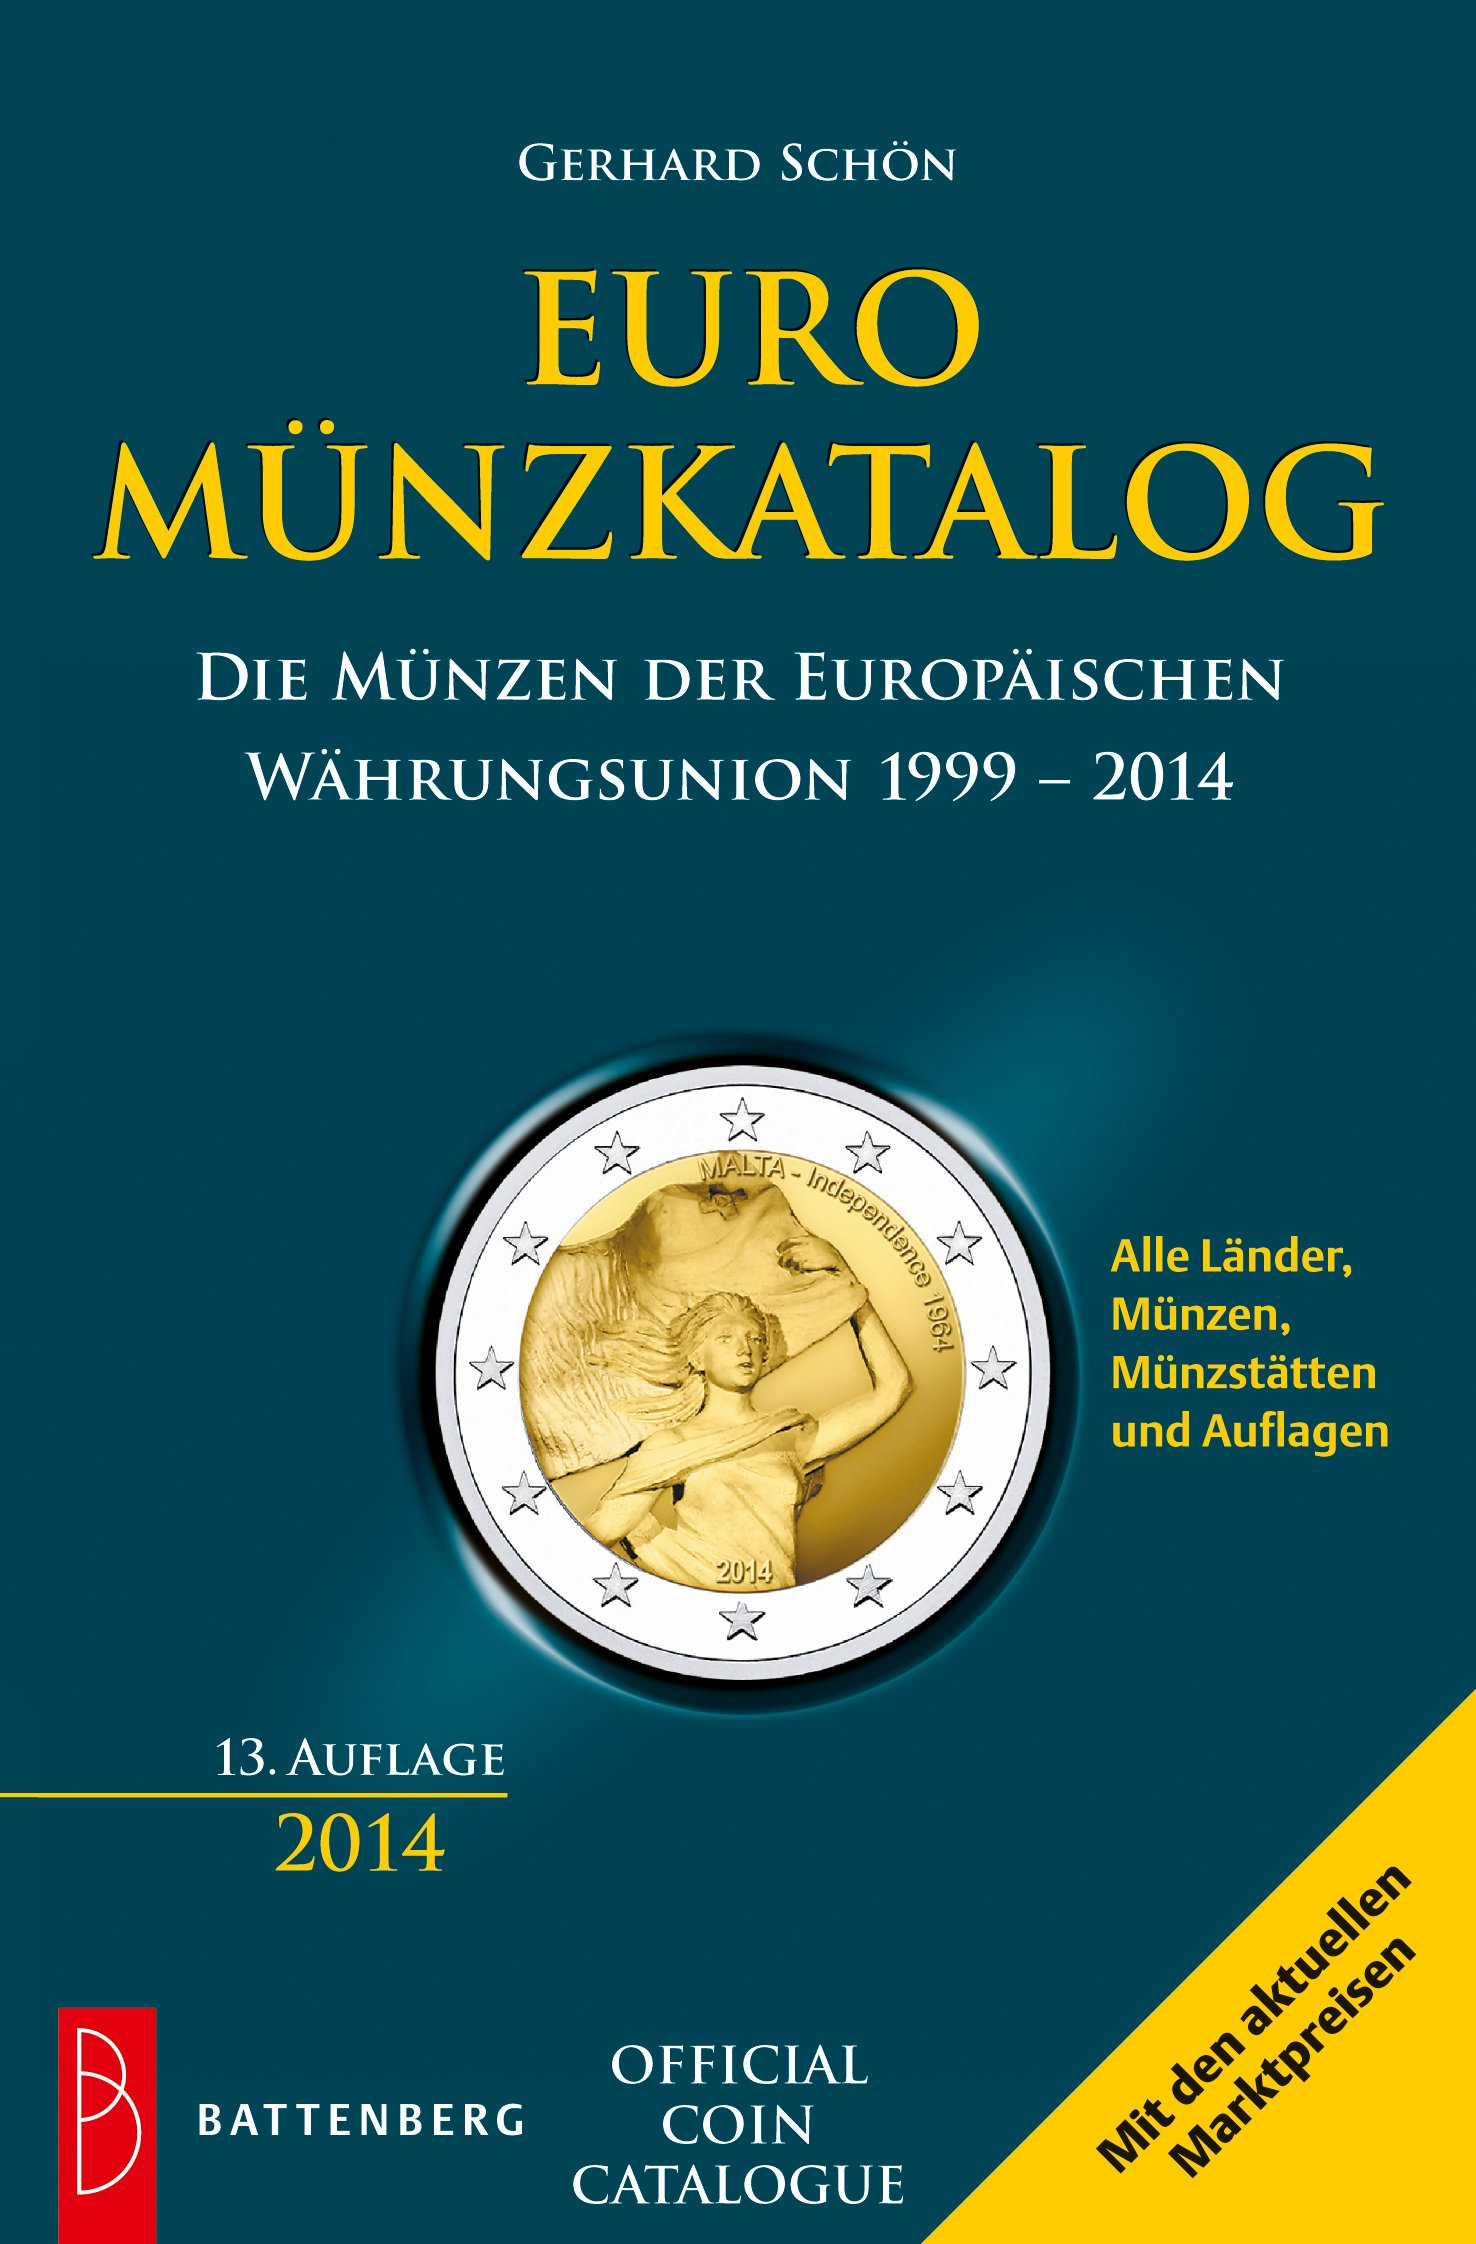 Euro-Münzkatalog: Die Münzen der Europäischen Währungsunion 1999 - 2014